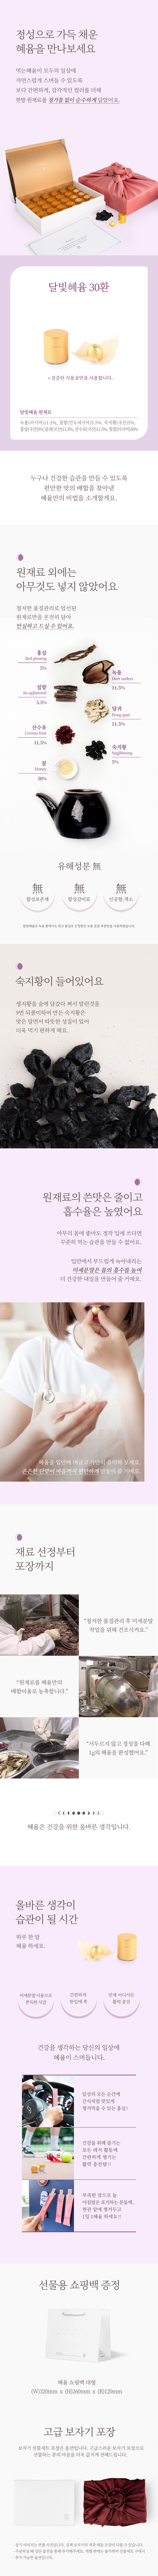 습관성공 선물세트 상품 설명, 달빛혜윰 30환